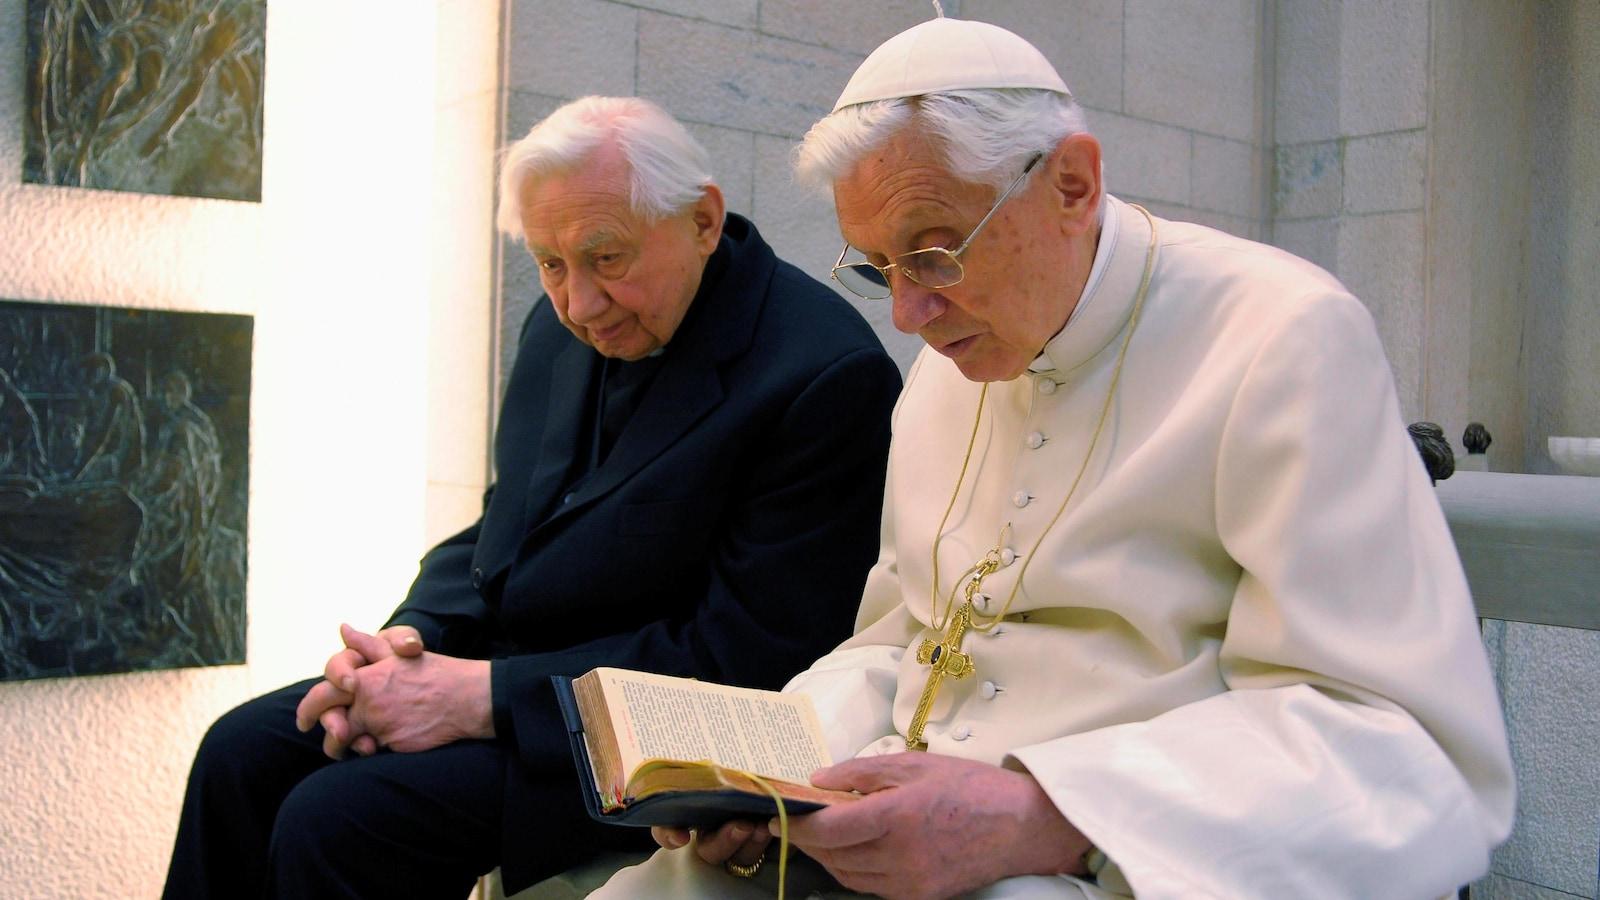 Le pape Benoît XVI (à droite), qui a quitté ses fonctions en février 2013, prie avec son frère Mgr Georg Ratzinger dans sa chapelle privée au Vatican, le 14 avril 2012.